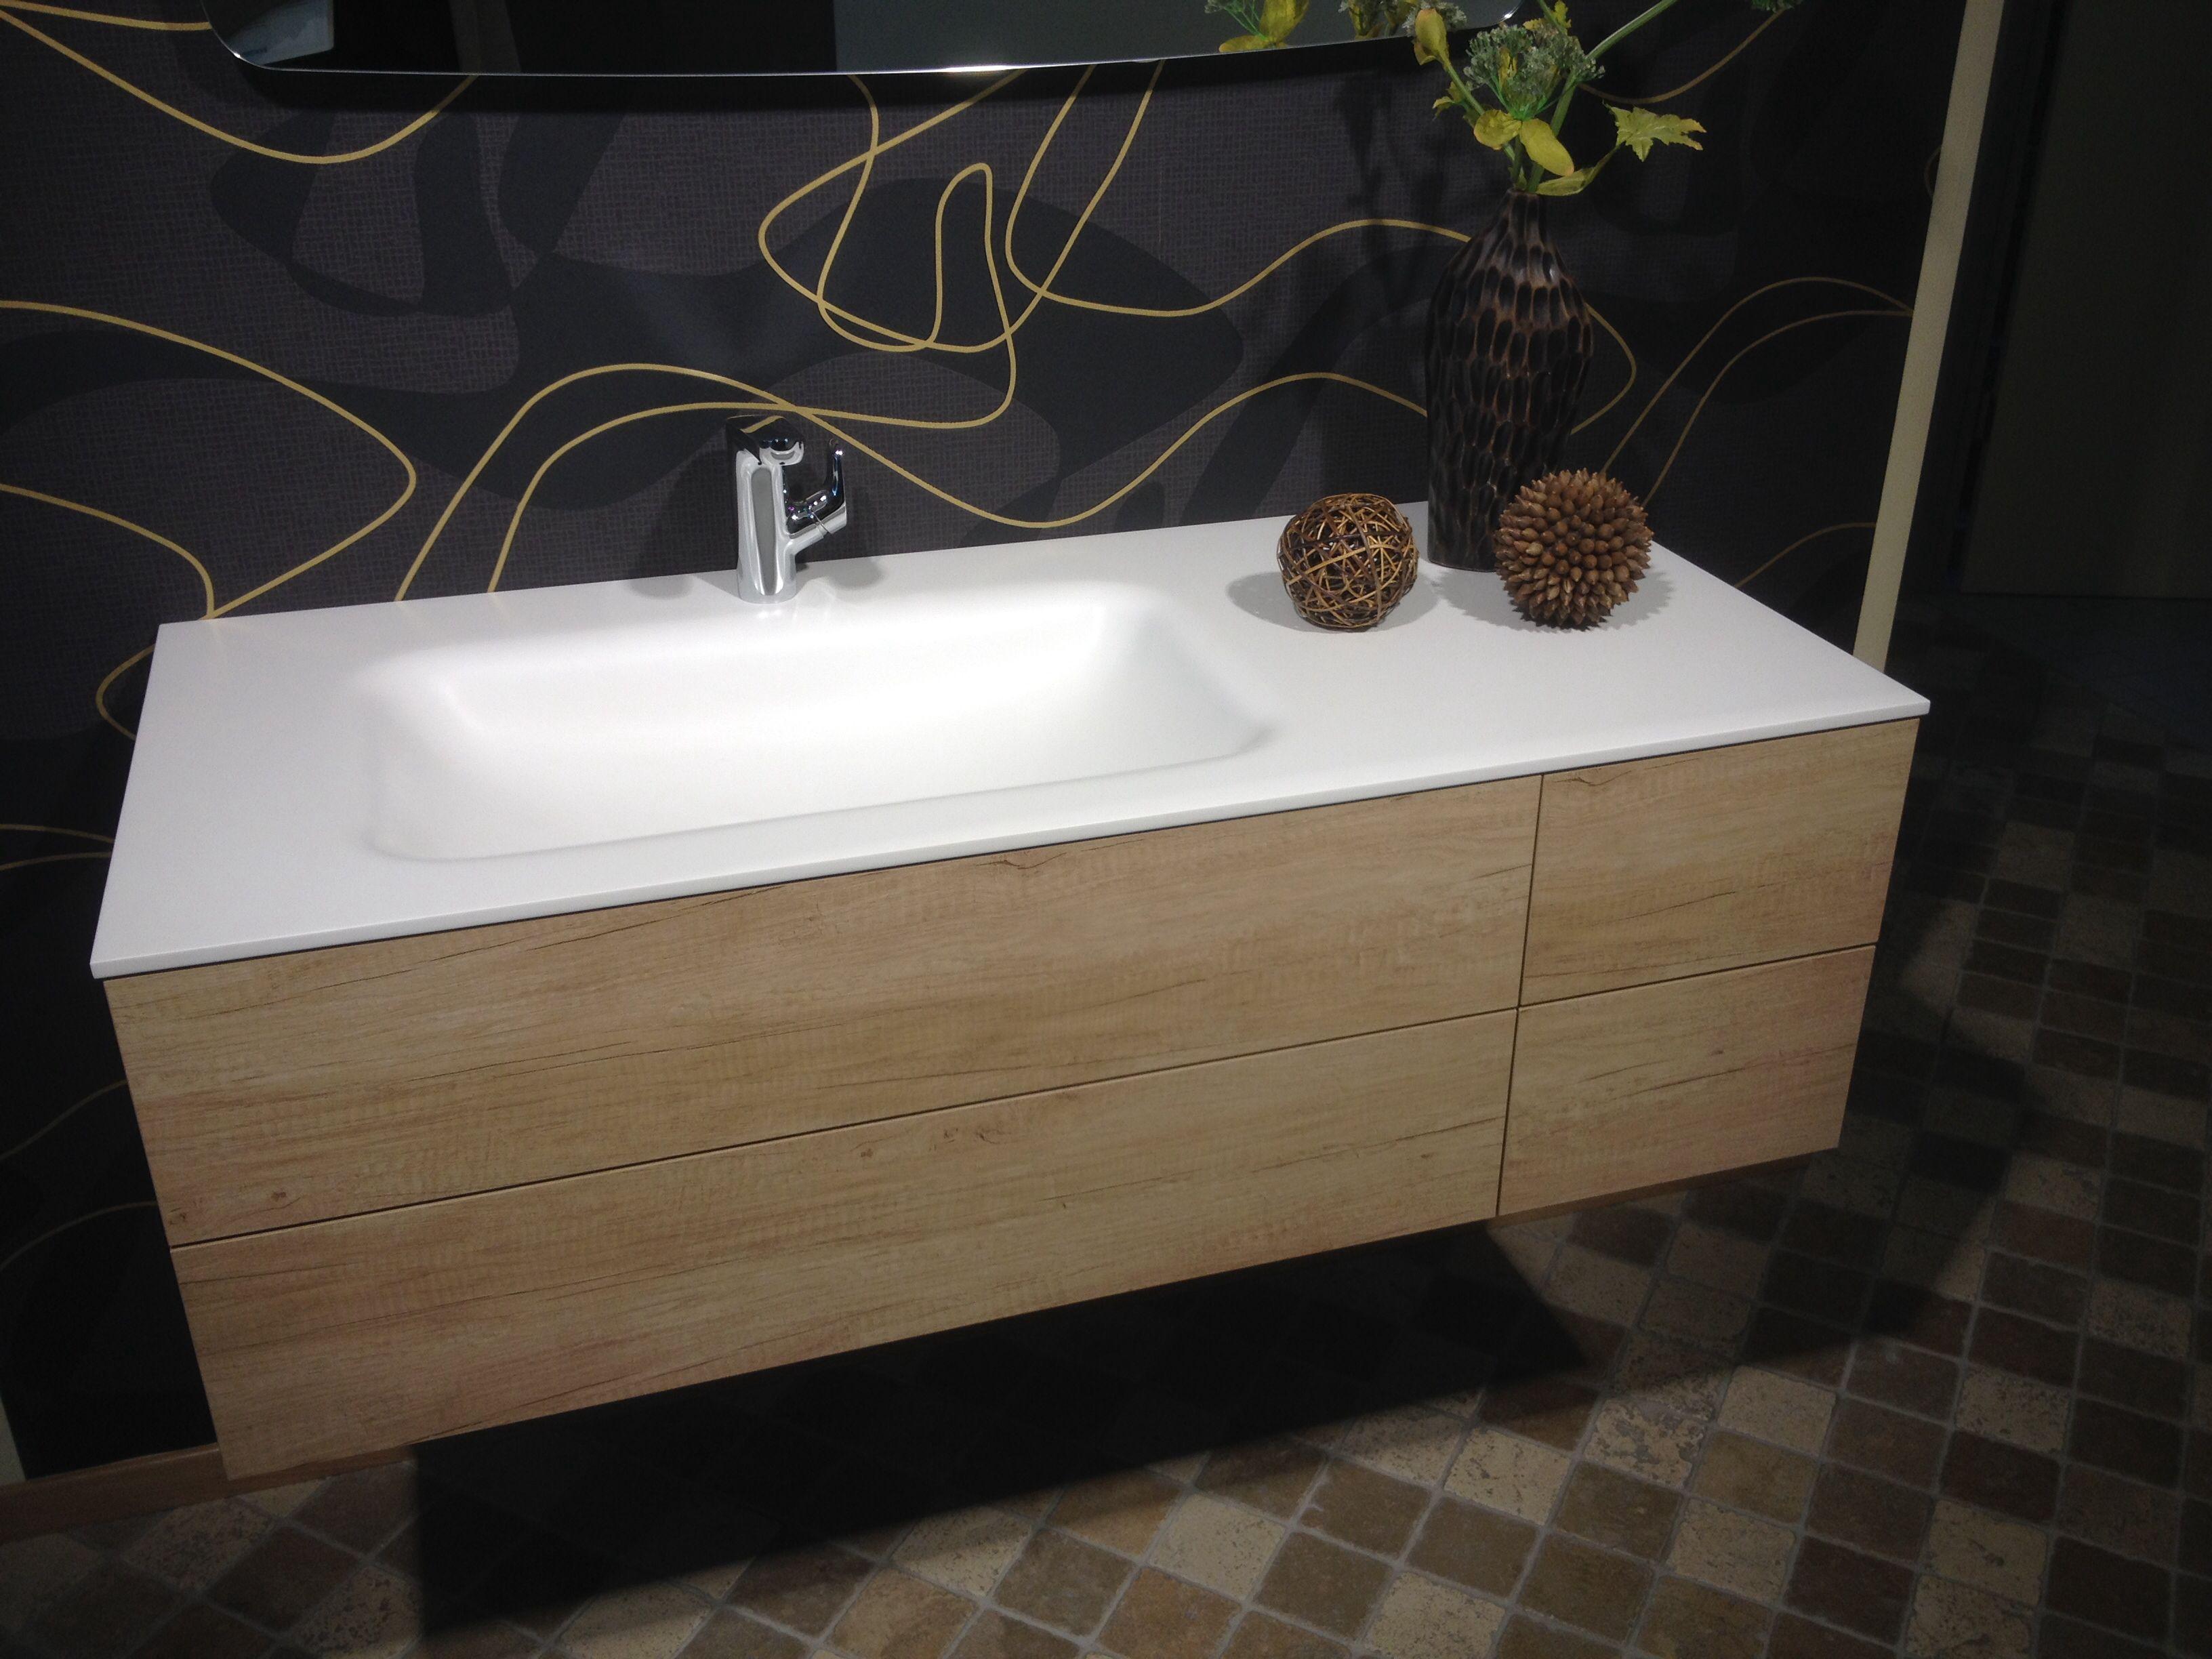 bad ist bemustert 3 x 3,5h schweizerbad natürlich. | das, Badezimmer ideen